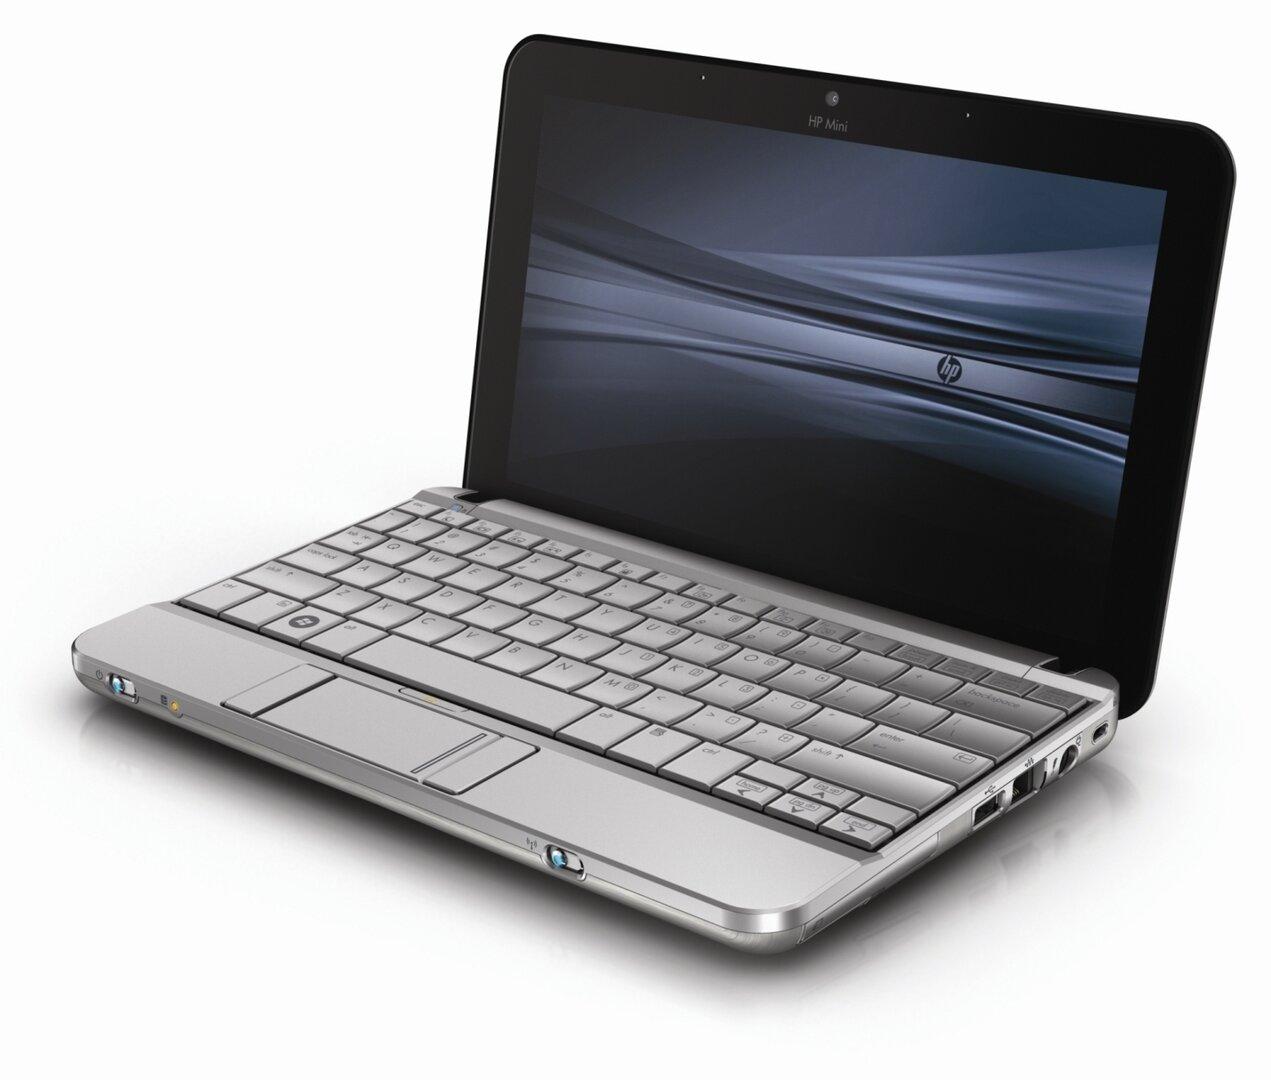 Hewlett Packard Mini 2140